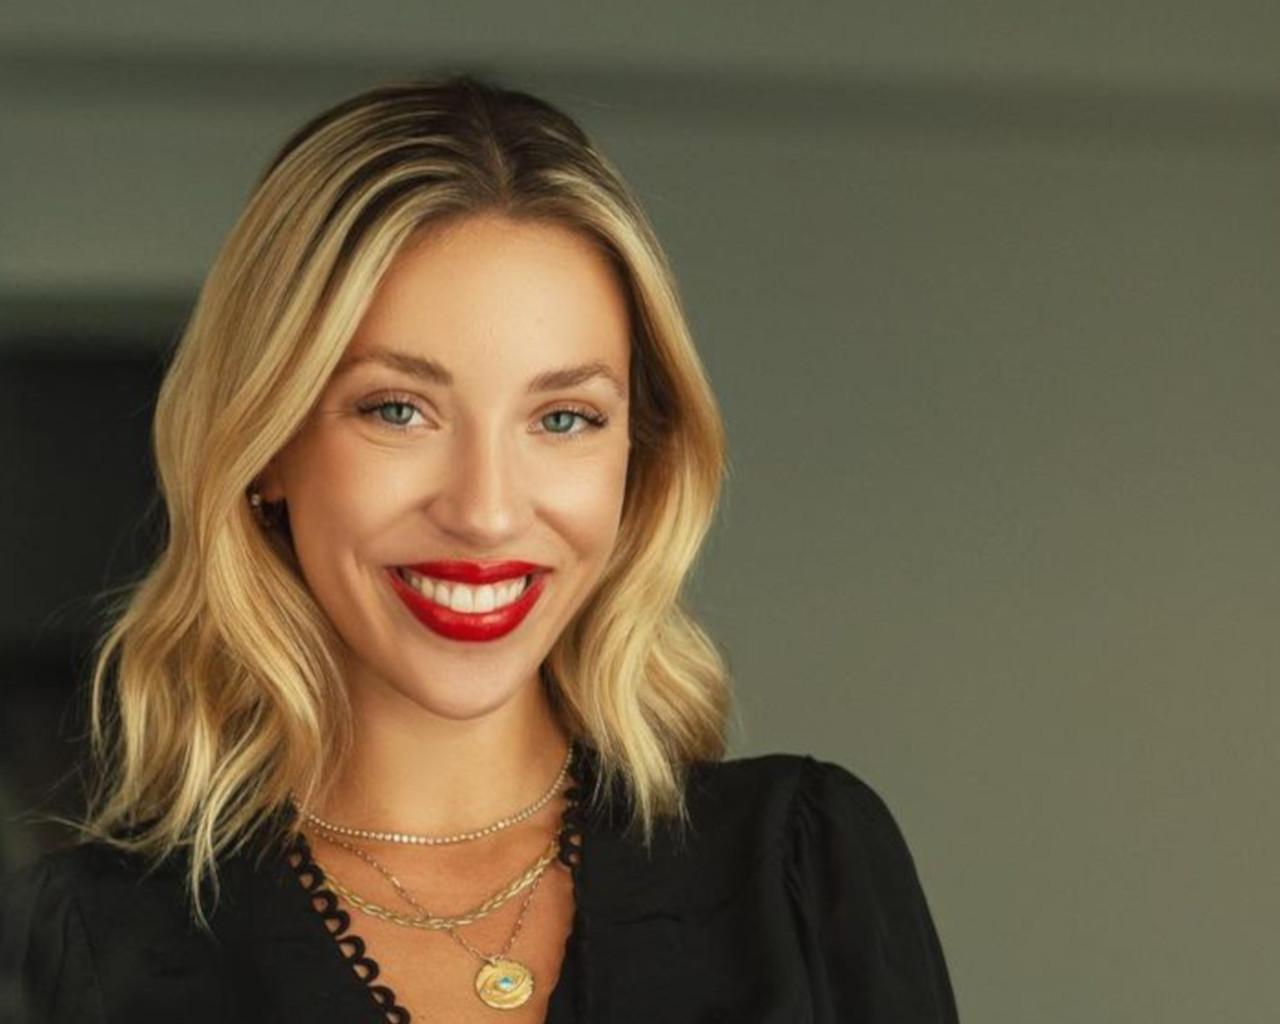 Γαρυφαλλιά Καληφώνη: η νέα εντυπωσιακή αλλαγή στα μαλλιά της